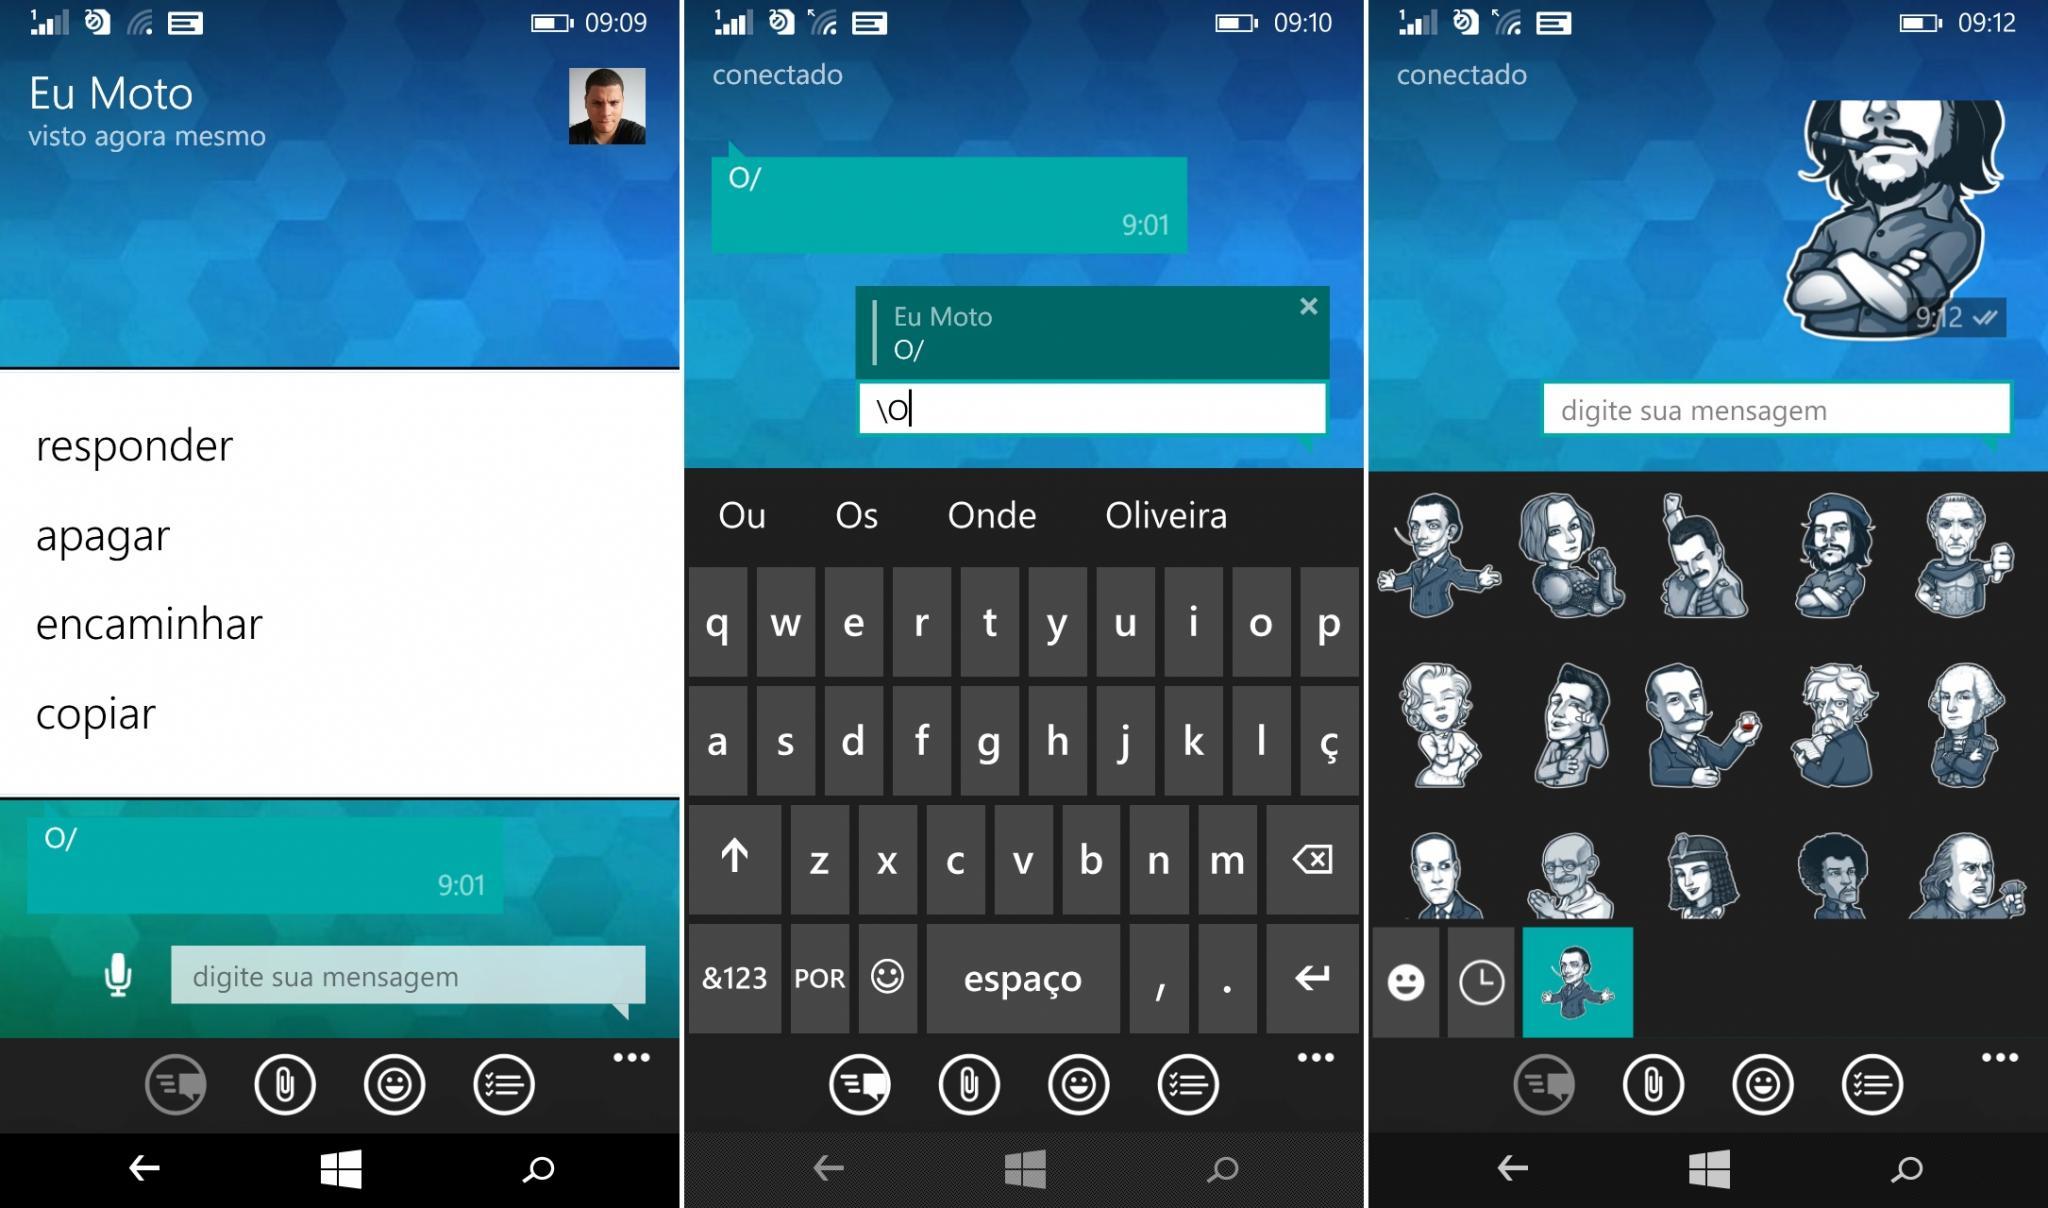 comparativo de apps #11 telegram - 8